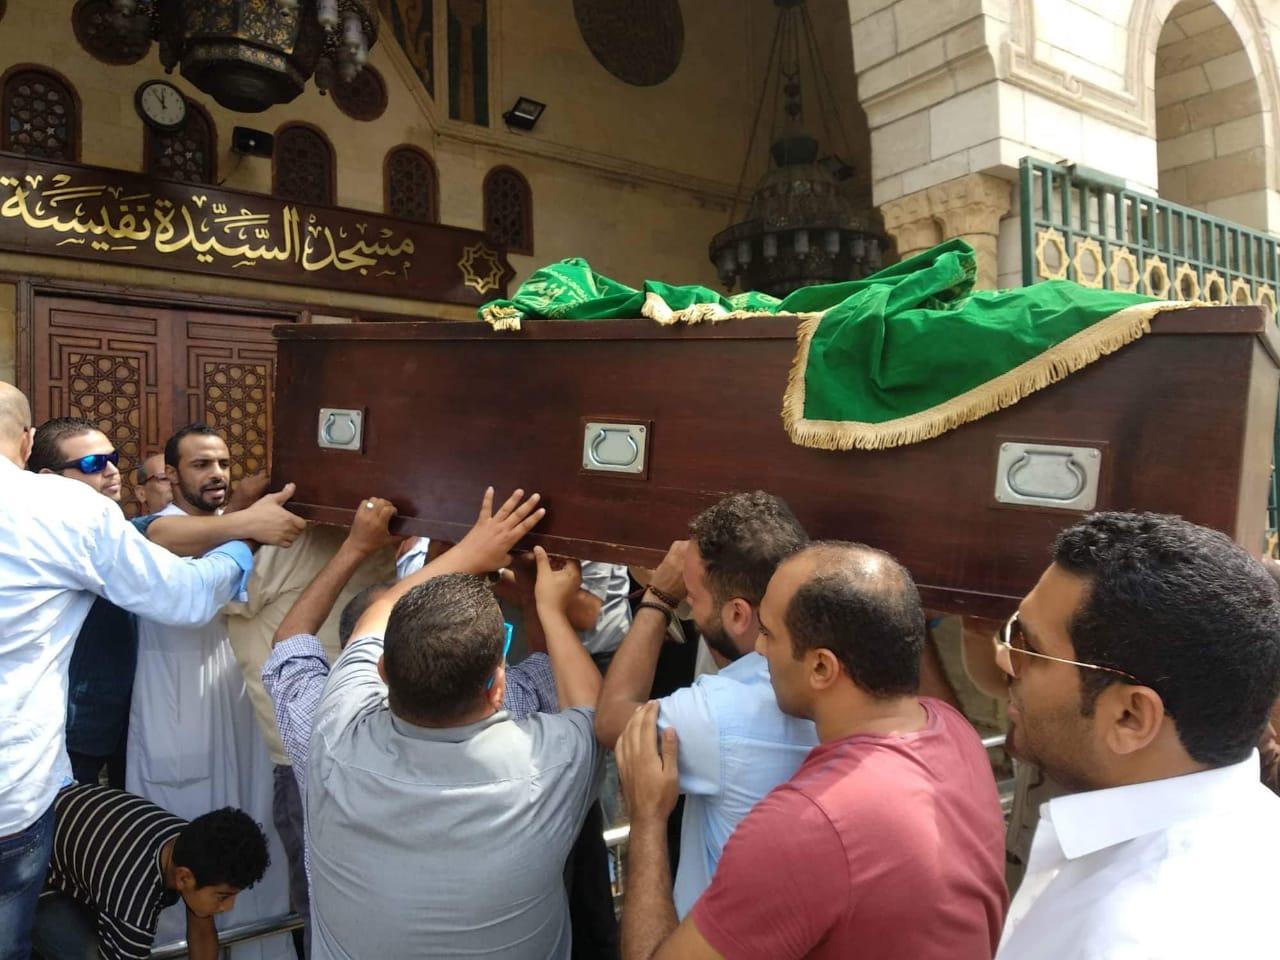 جنازة صفوت عبد الحليم فى مسجد السيدة نفيسة